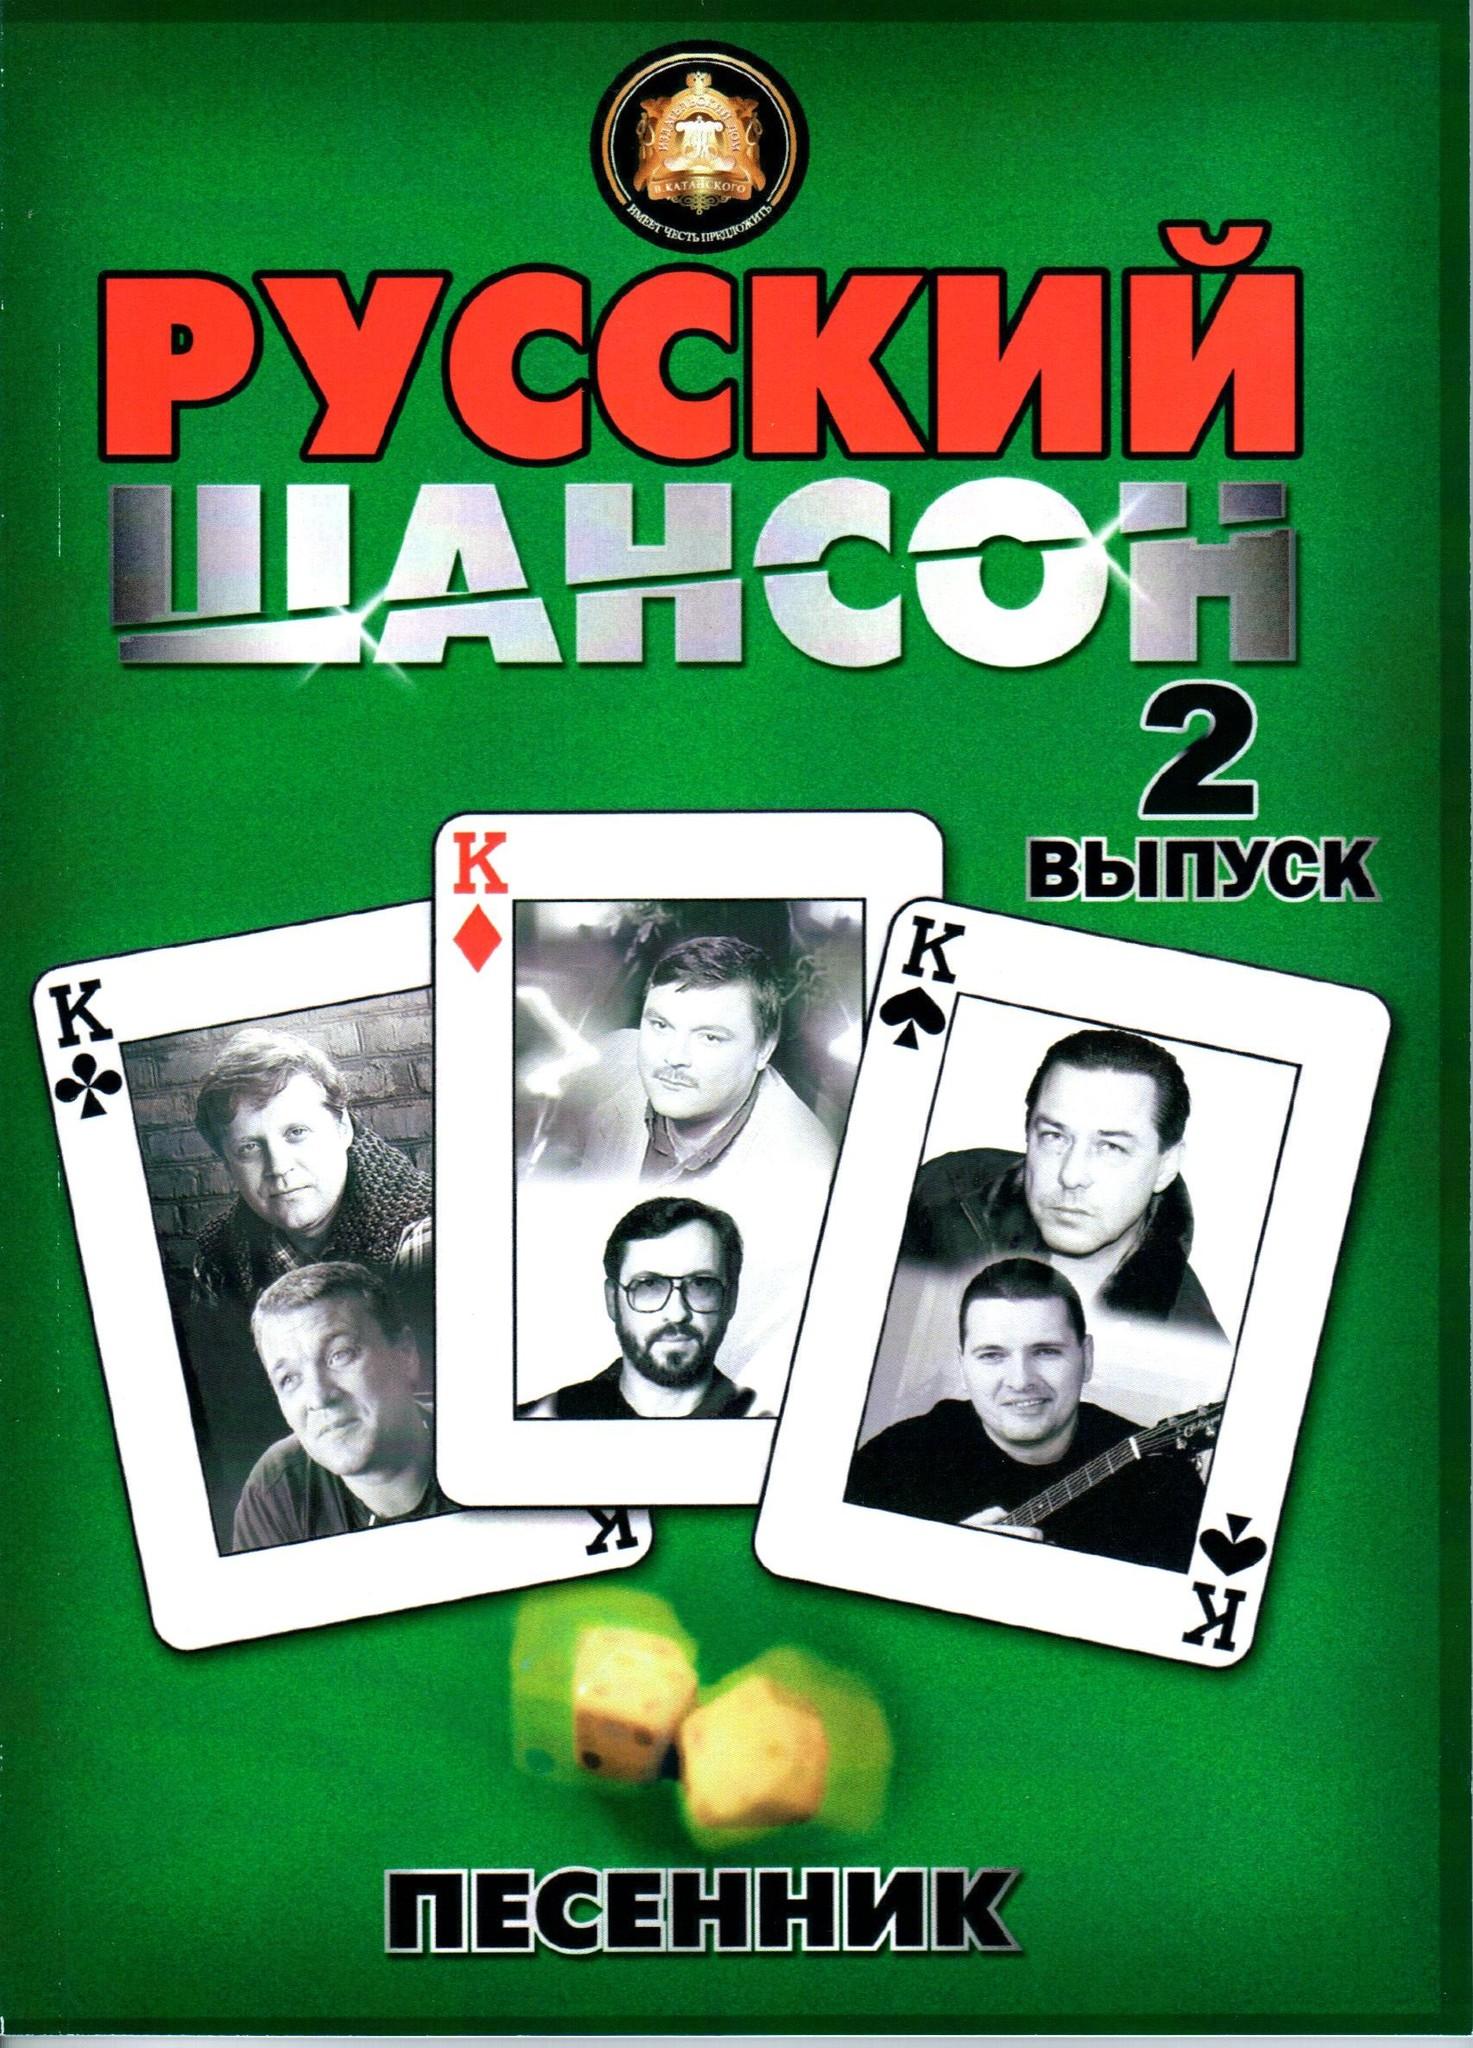 Катанский А. В. Песенник. Русский шансон. Выпуск 2.